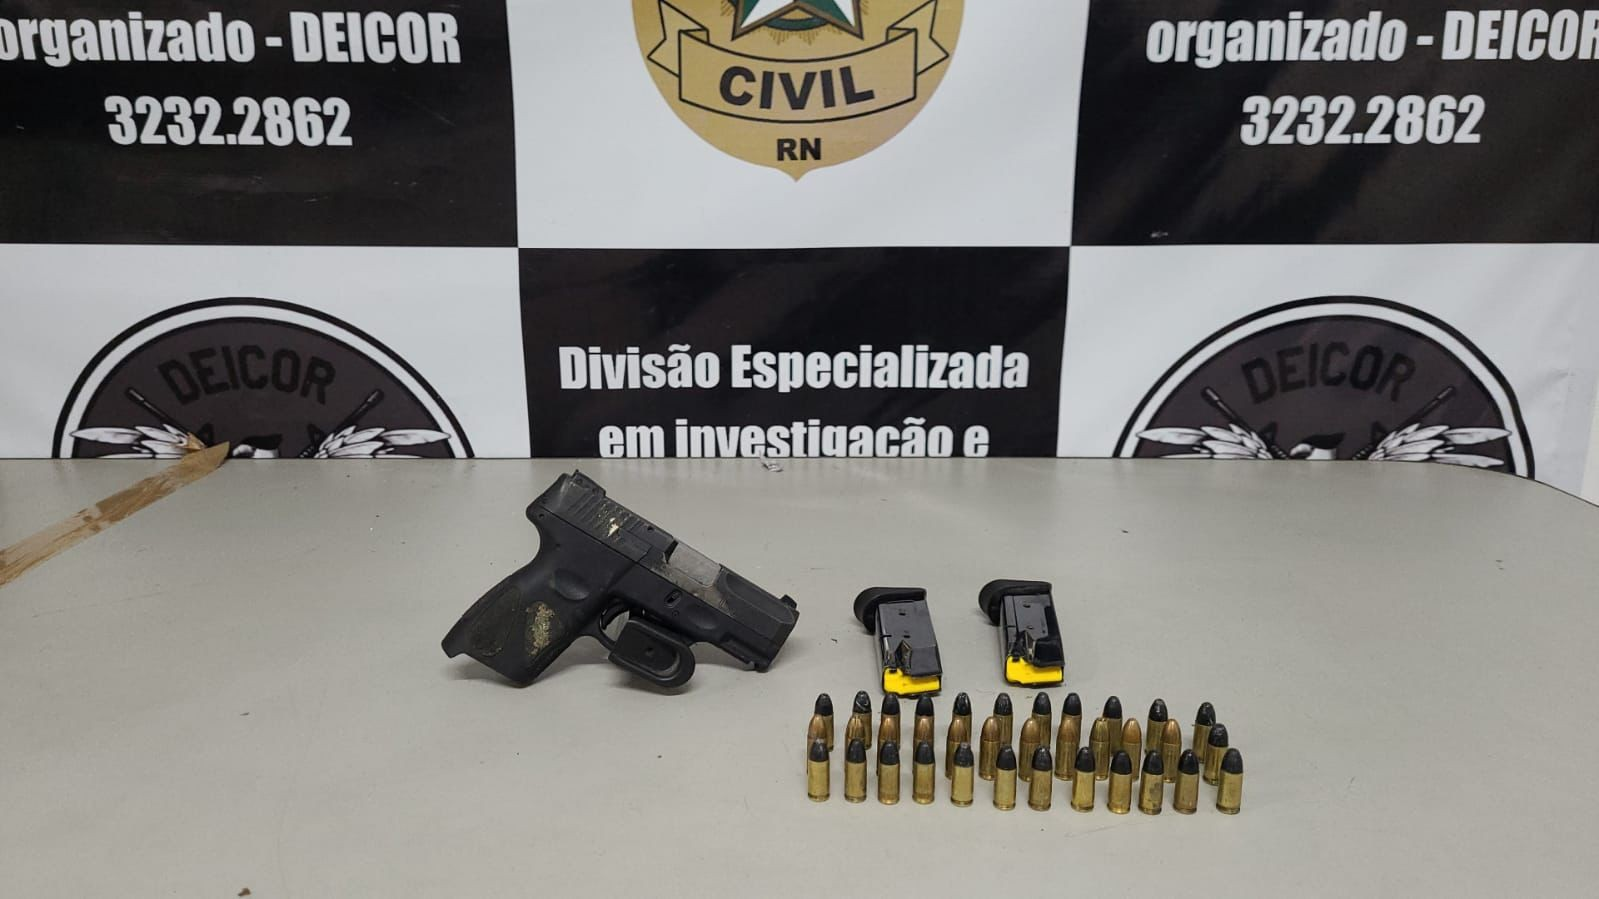 Operação 'Poder Paralelo' prende dois homens suspeitos de integrar grupo de extermínio no RN